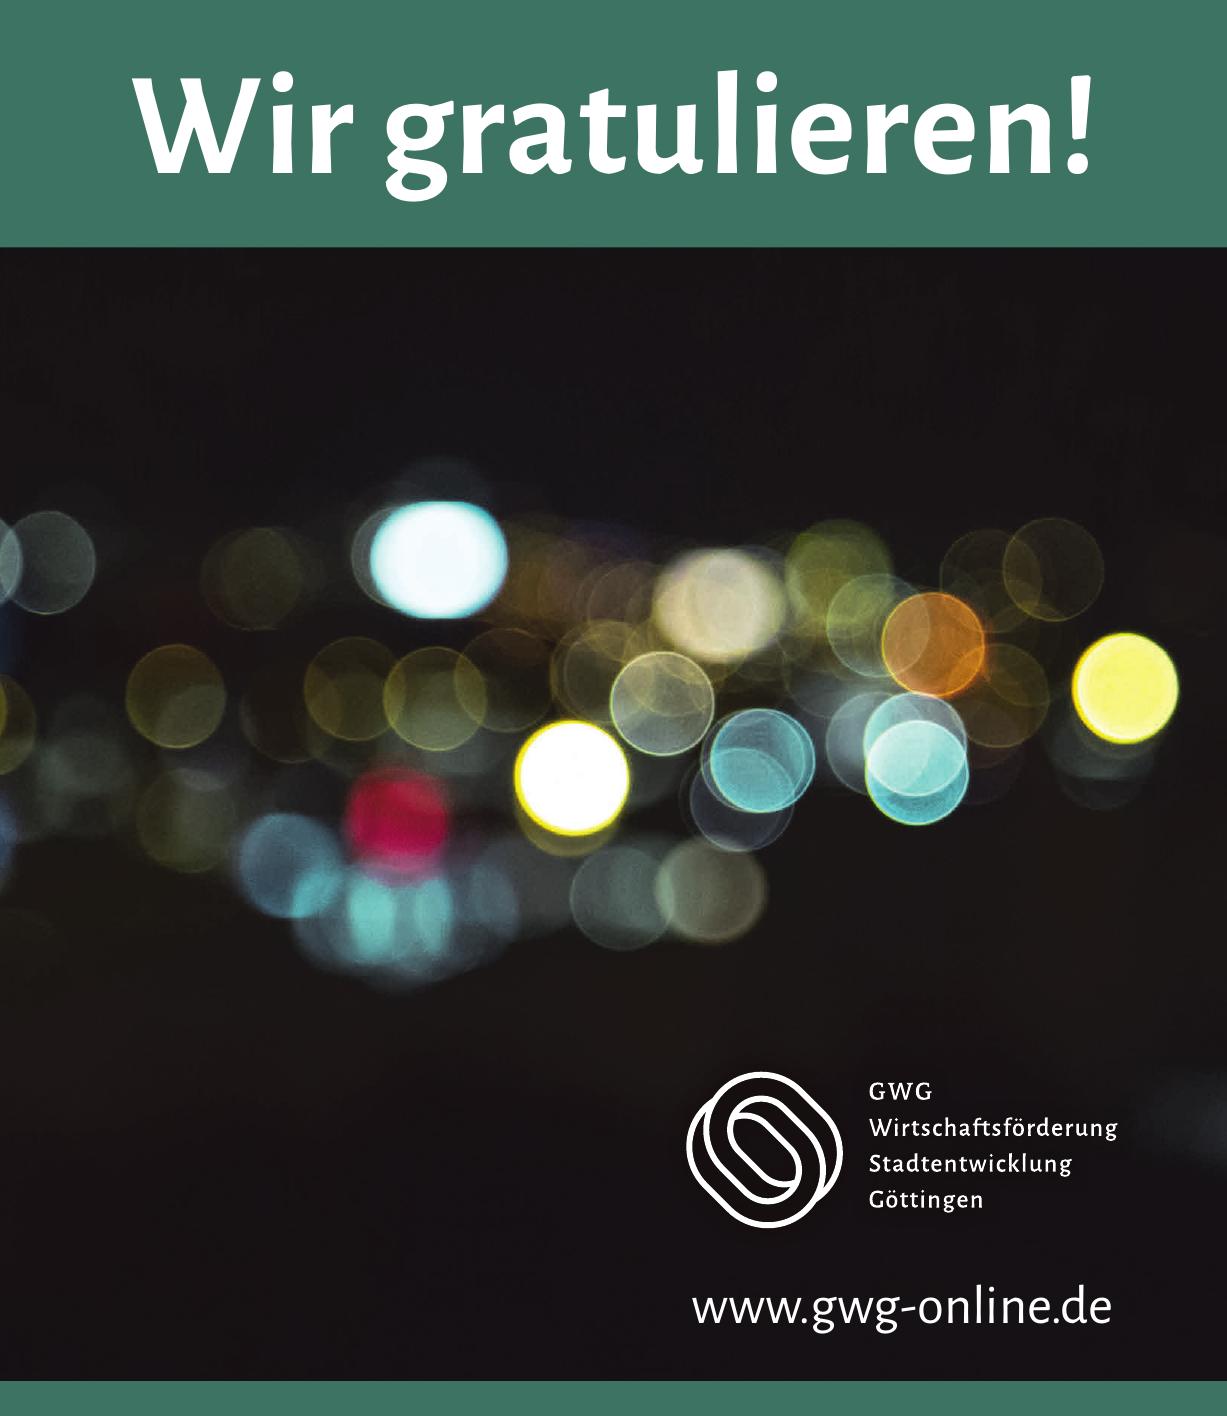 GWG Wirtschaftsförderung Stadtentwicklung Göttingen